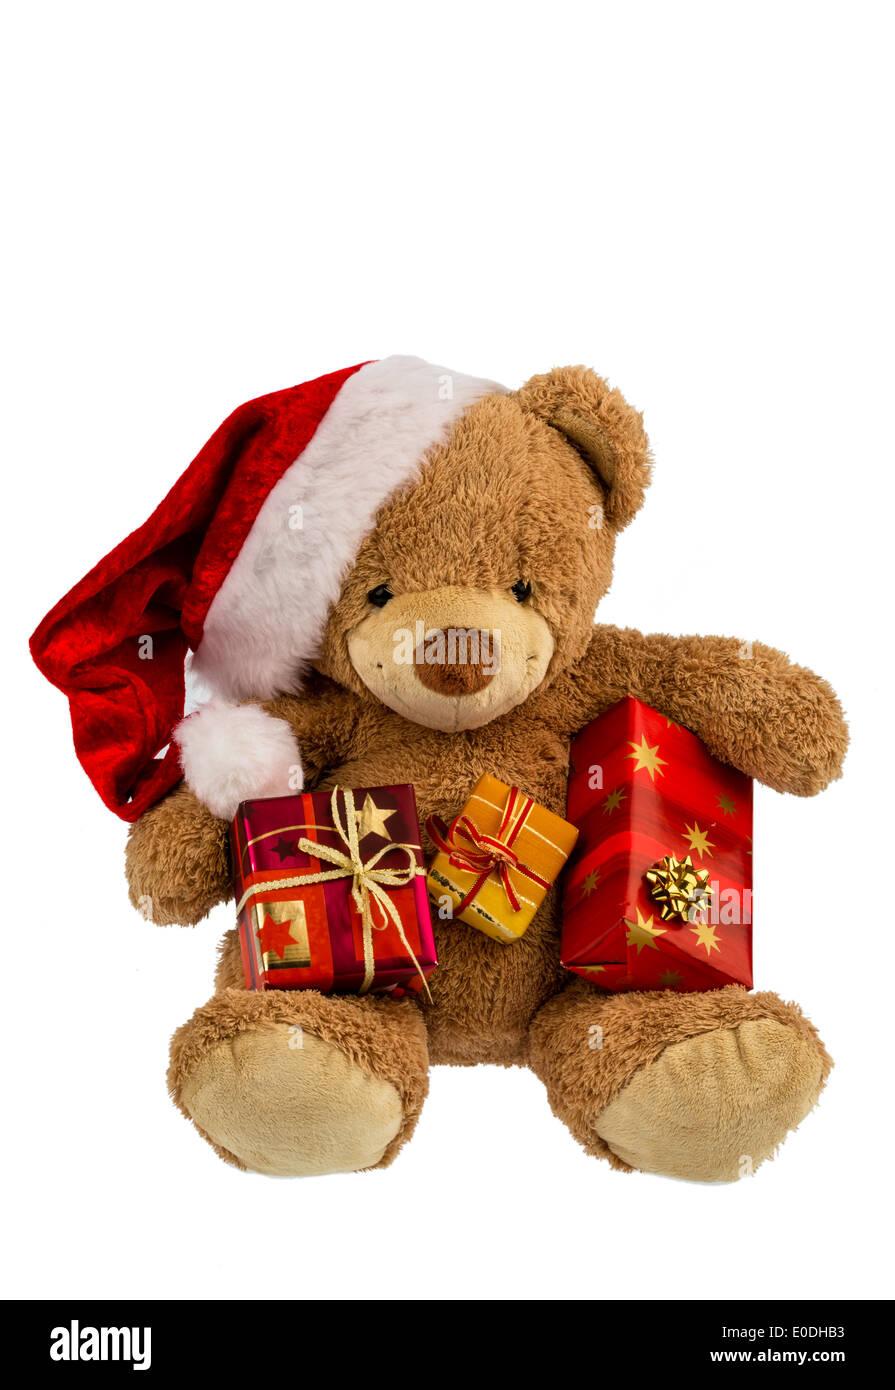 A teddy bear with presents at Christmas. When Santa Claus dresses up., Ein Teddybaer mit Geschenken zu Weihnachten. Als Weihnach Stock Photo